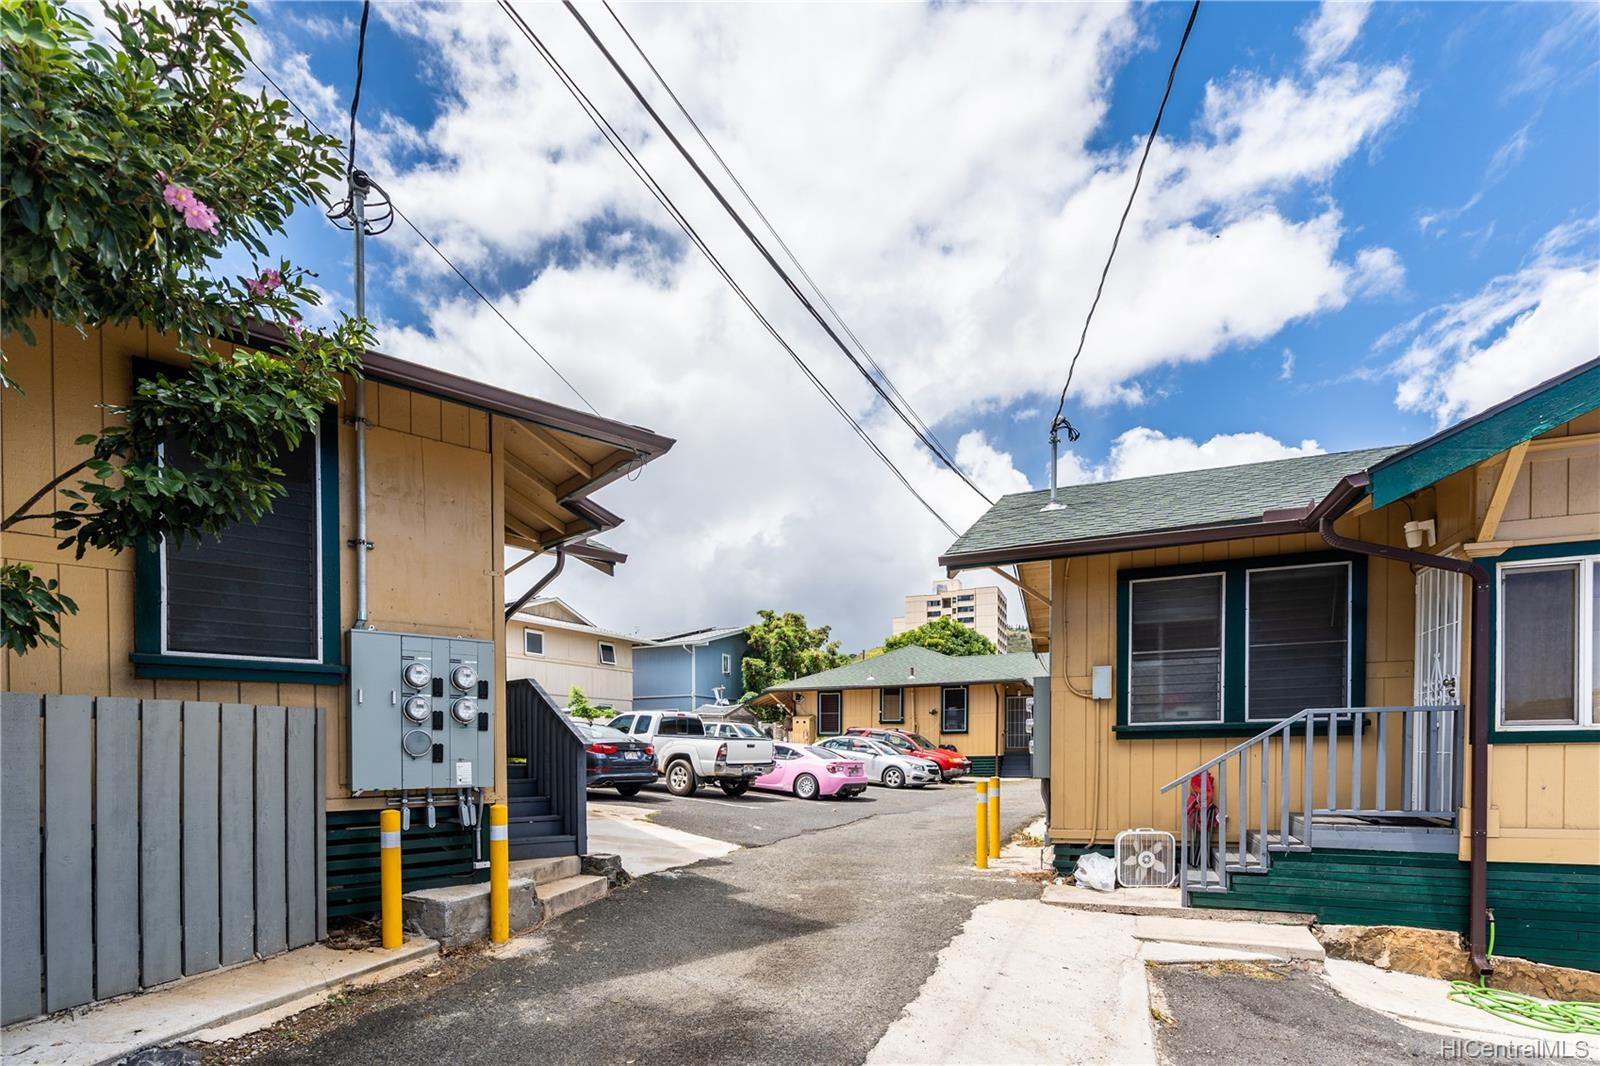 2816 Waialae Ave Honolulu - Multi-family - photo 8 of 21